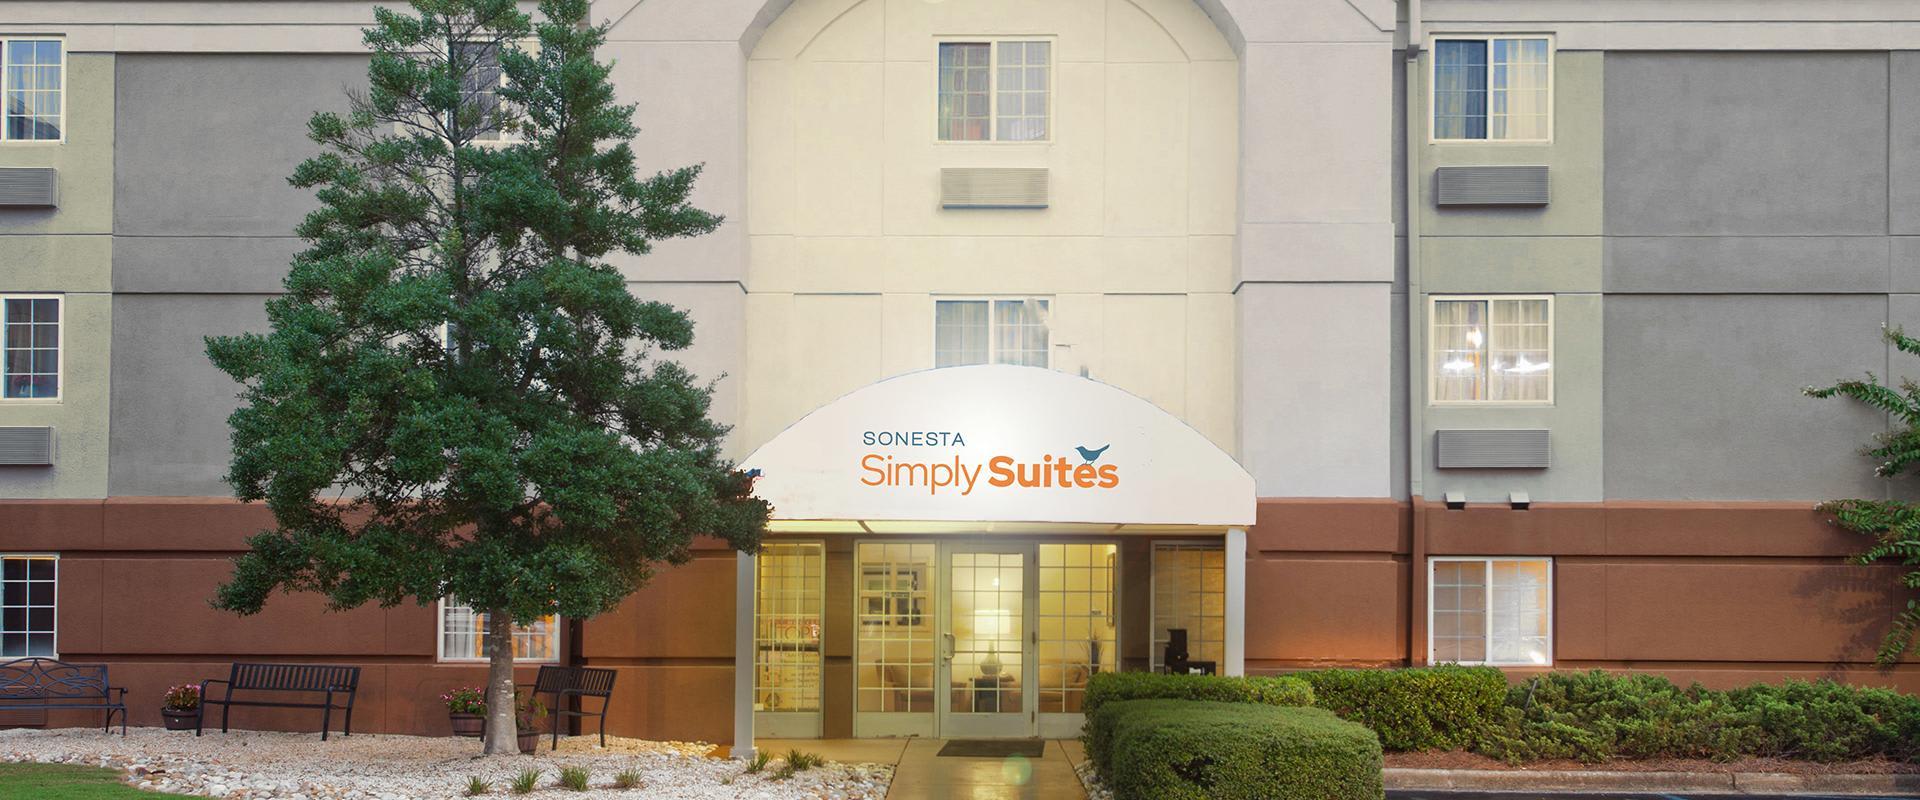 Sonesta Simply Suites Birmingham Hoover Hotel Entrance